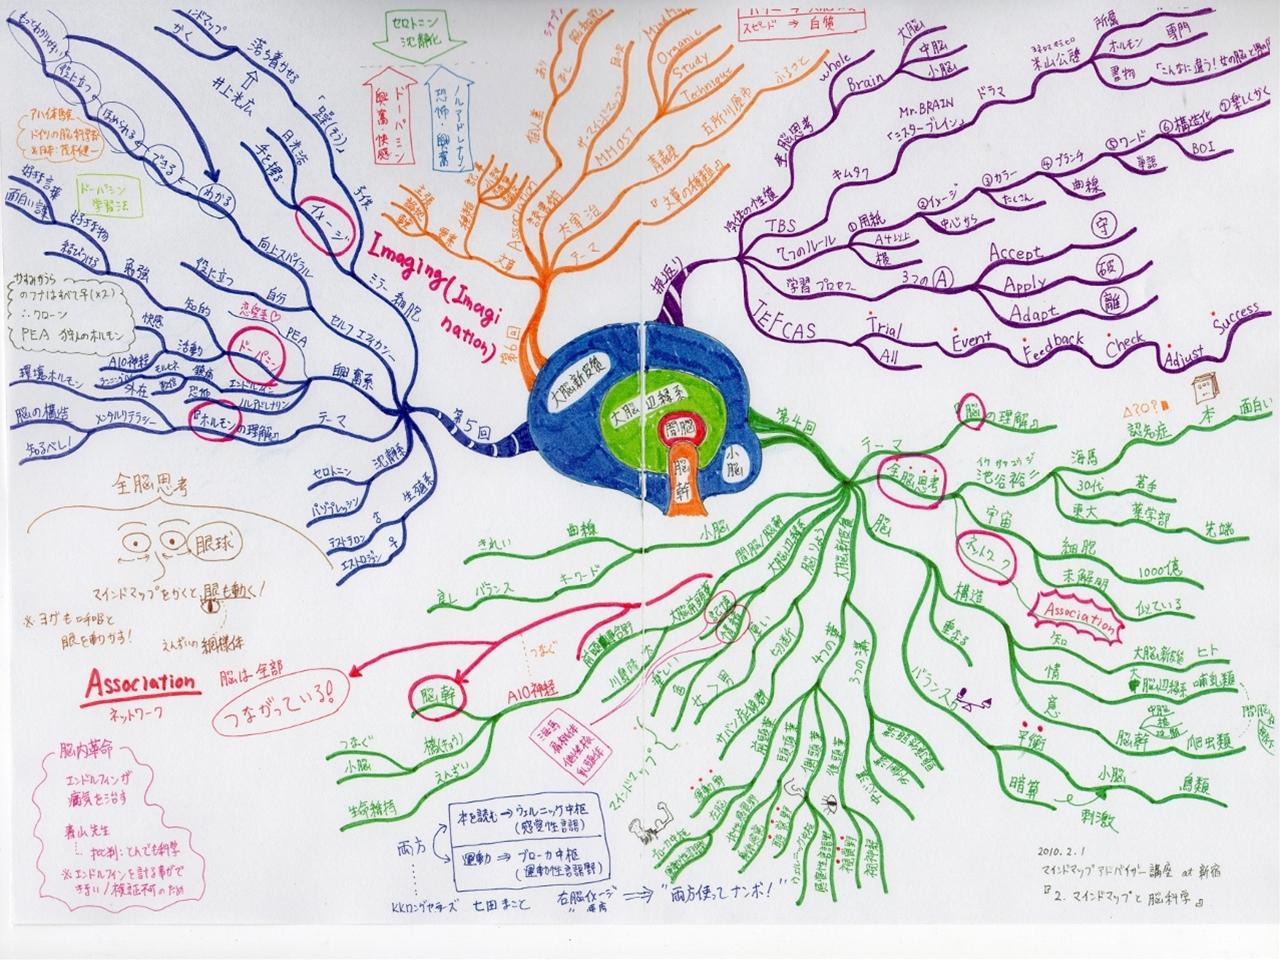 マインドマップアドバイザー講座 at 新宿 『2.マインドマップと脳科学』